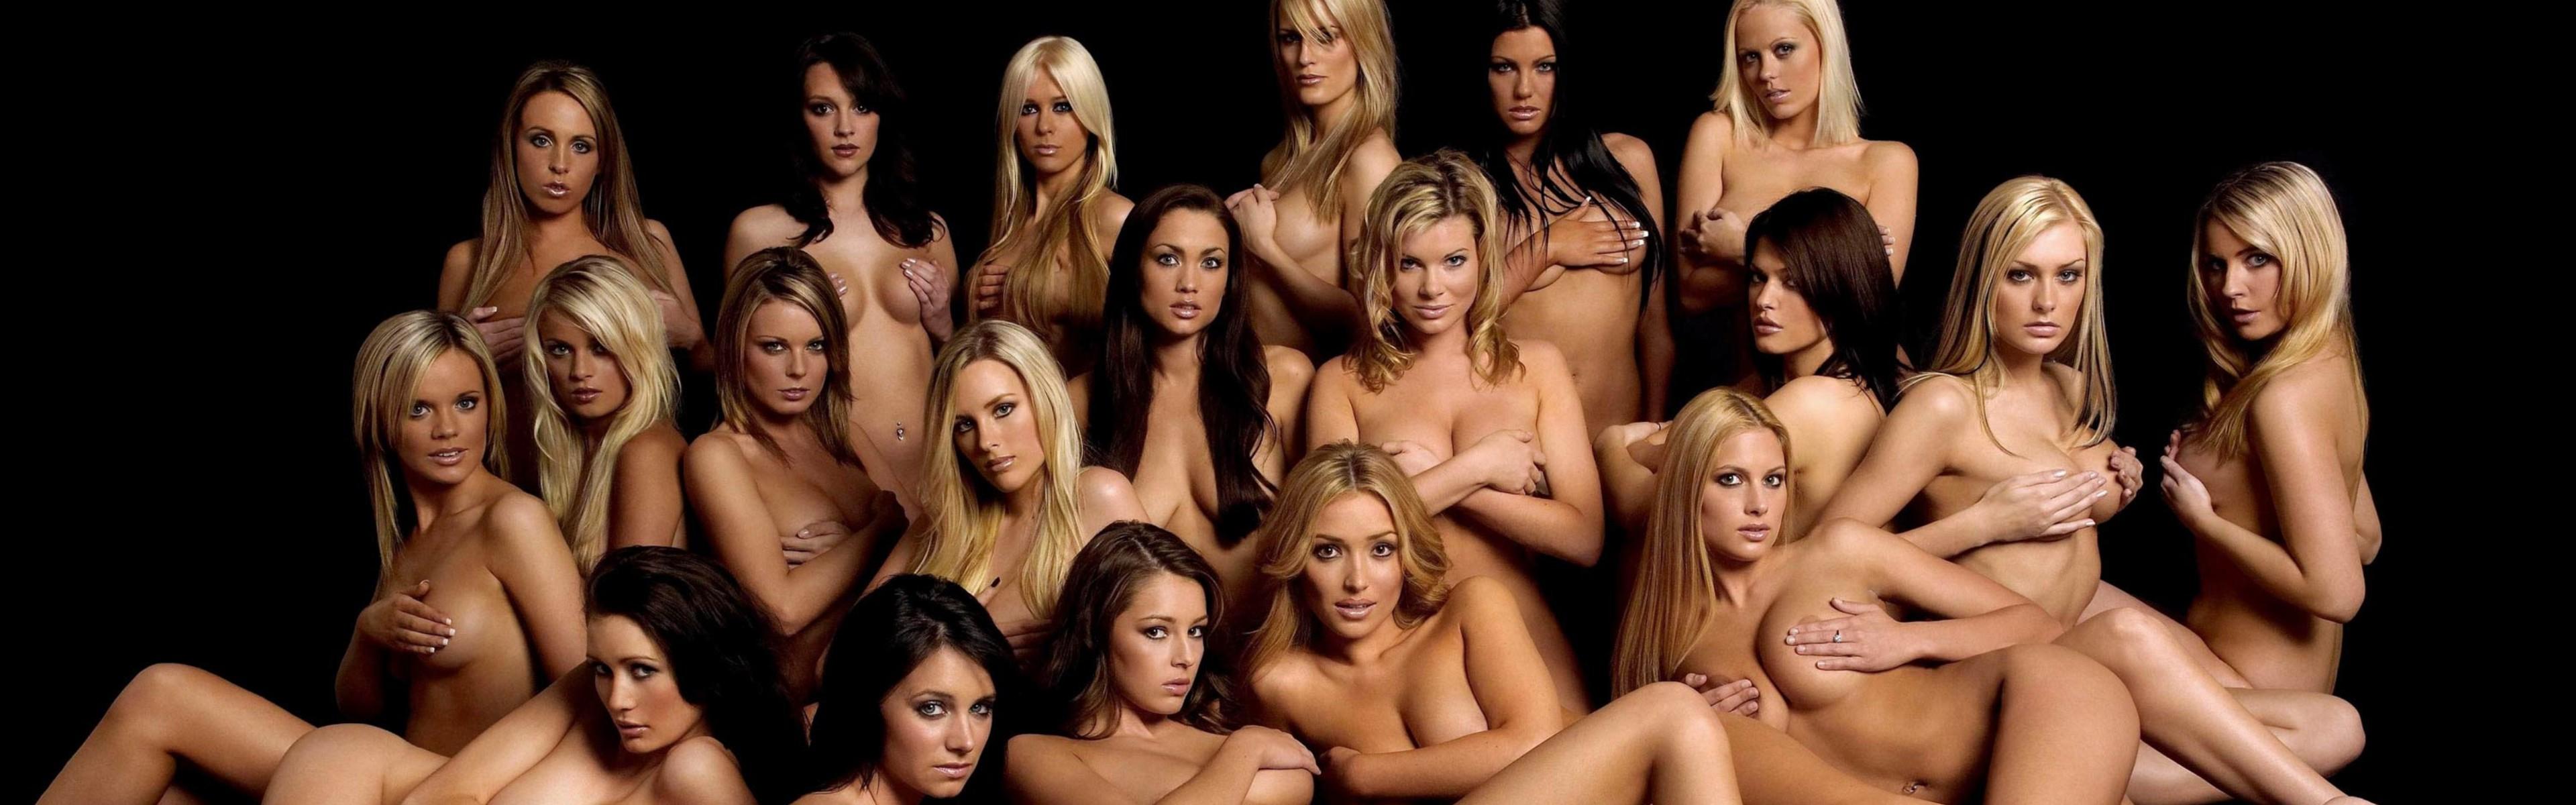 Топ 100 лучших порноактрисс, Все порно звёзды девушки 7 фотография